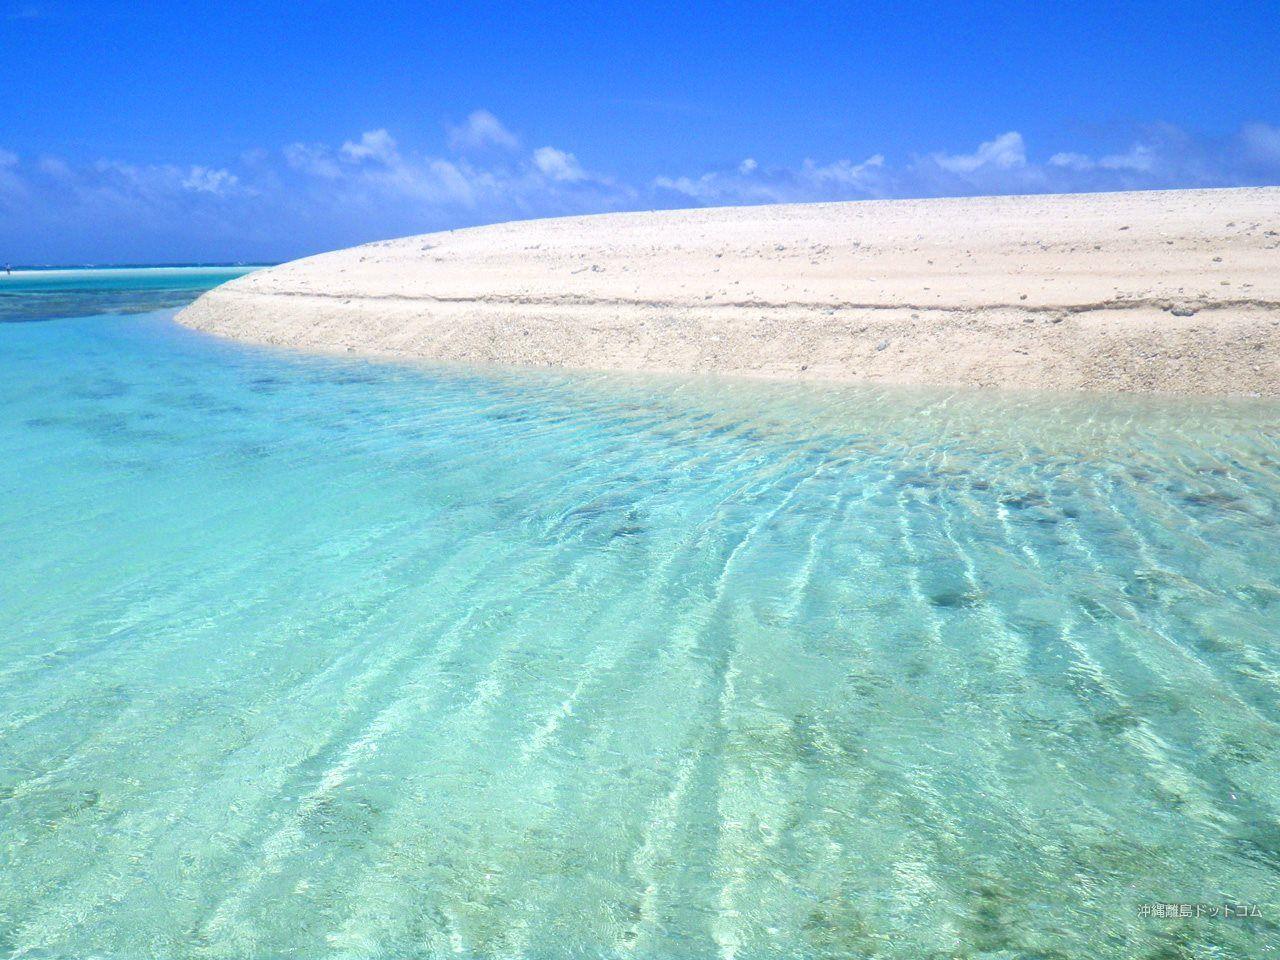 日本で一番綺麗な海はどこ?